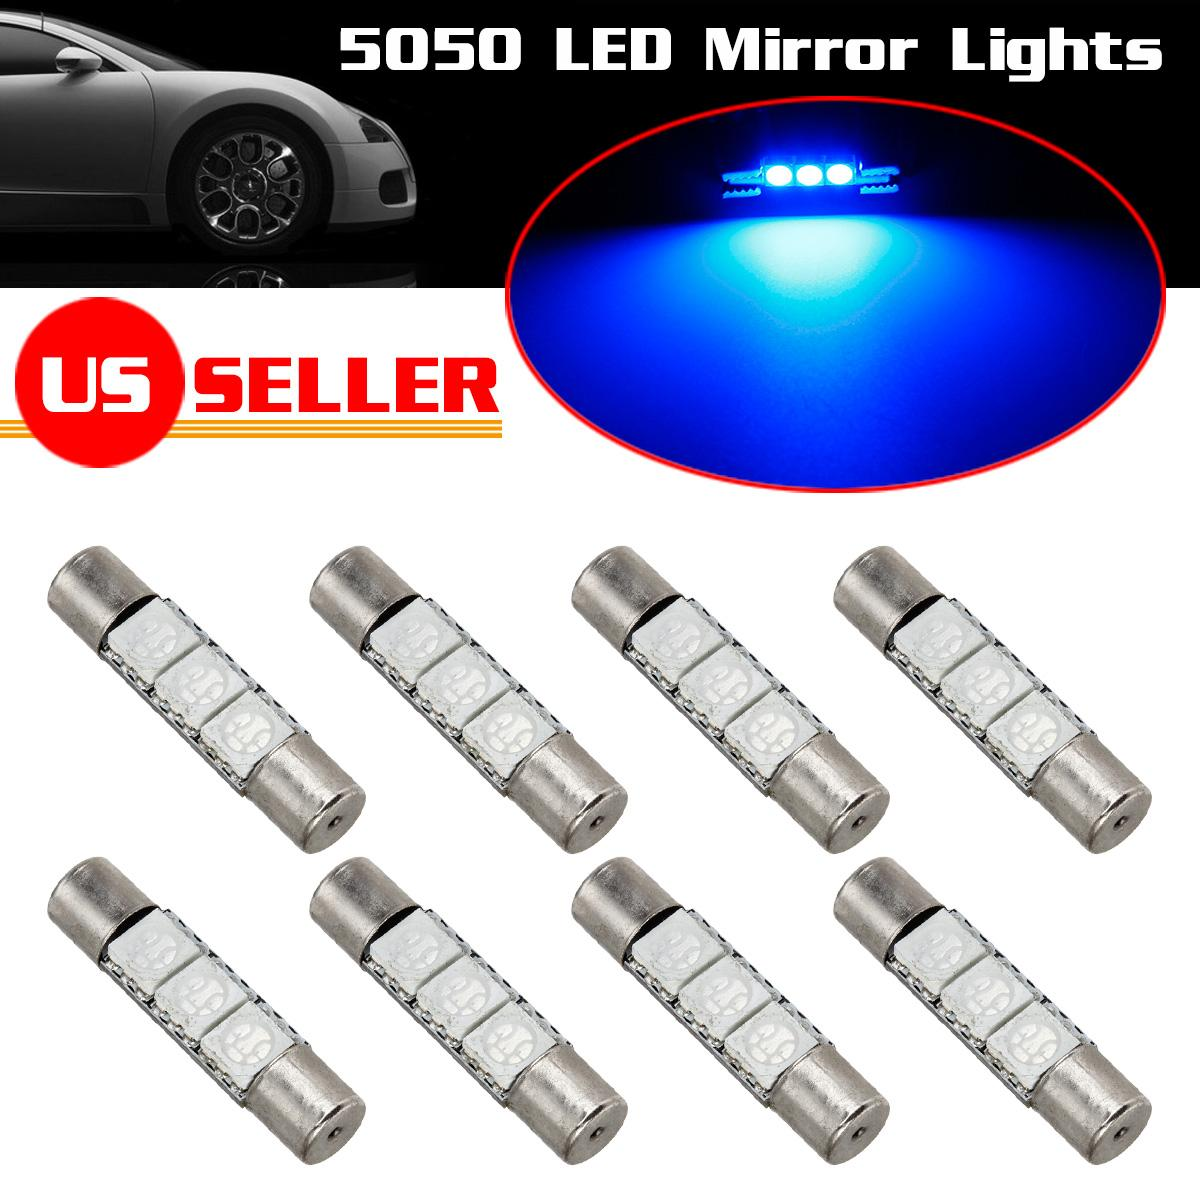 8x Ultra Blue 3 SMD LED Bulbs For Visor Vanity Mirror Light F30 WHP 6614F. 8x Ultra Blue 3 SMD LED Bulbs For Visor Vanity Mirror Light F30